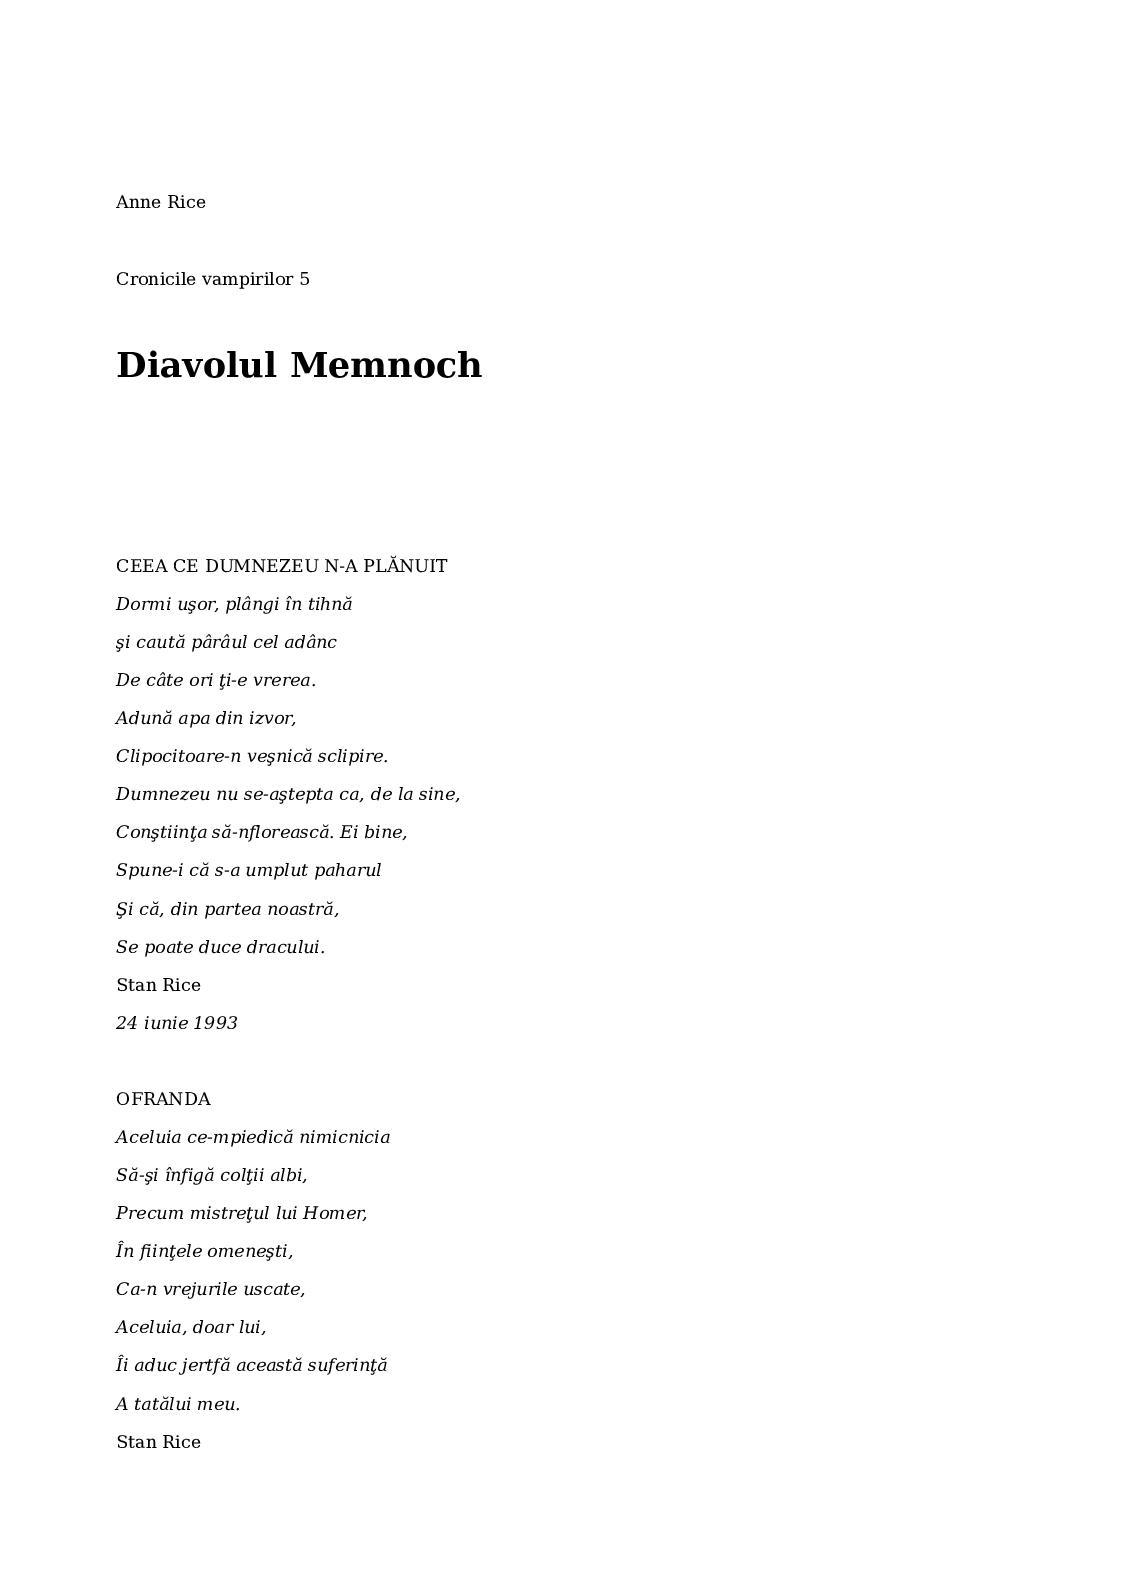 BENEFICIILE DE GHEARĂ ALE DIAVOLULUI INCLUD CALMAREA DURERII ȘI MULTE ALTELE - - FITNESS -